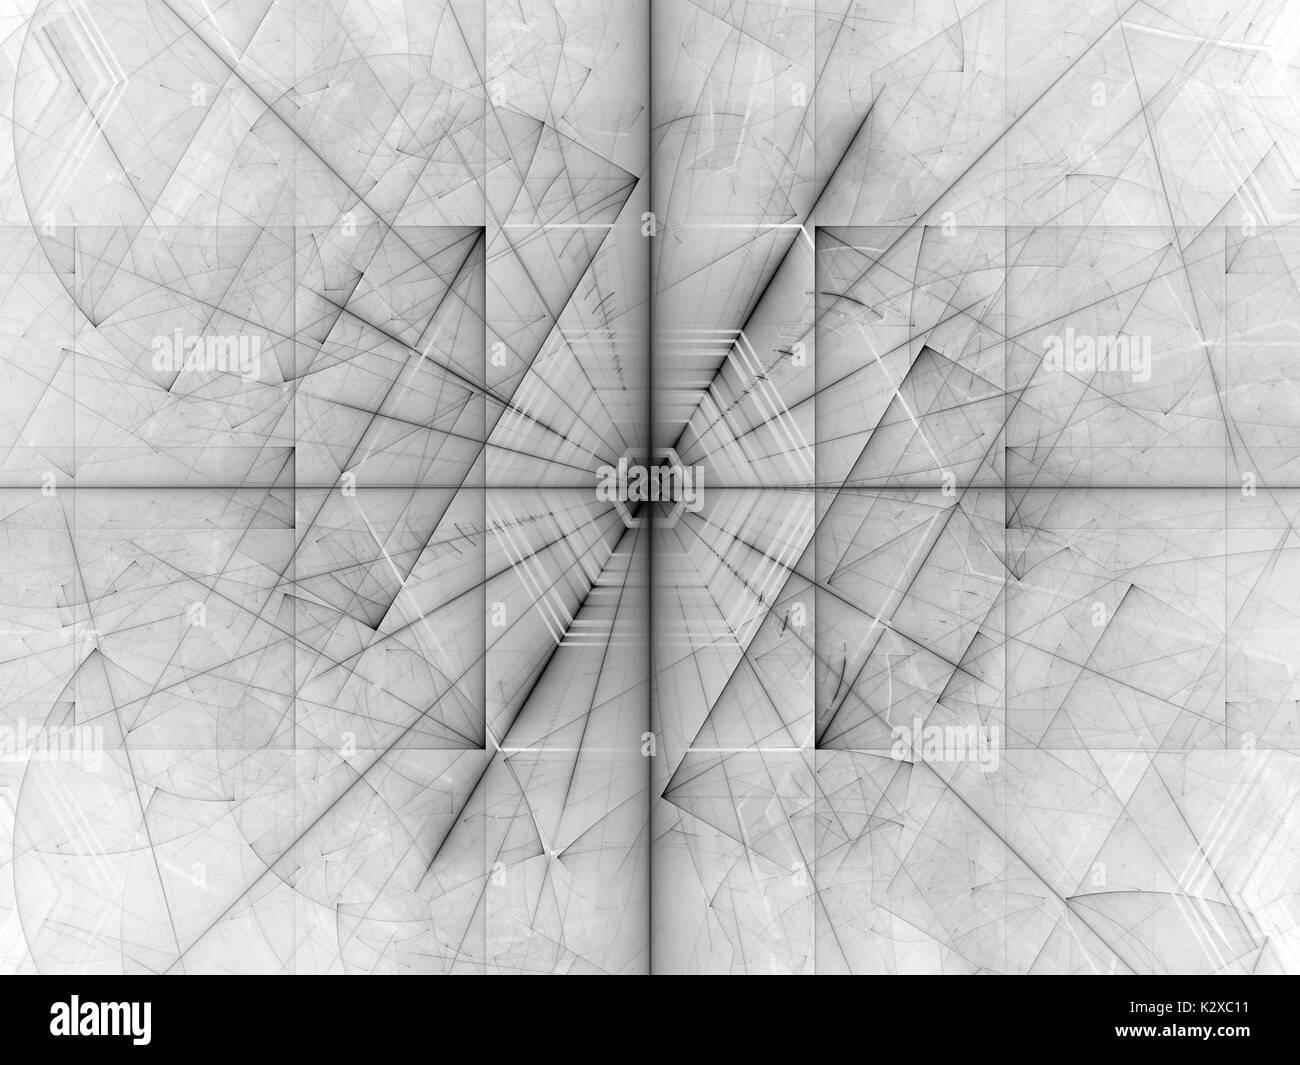 Futuristische dunkle Linien auf weissem, Computer abstrakten Hintergrund erzeugt, 3D-Rendering Stockbild